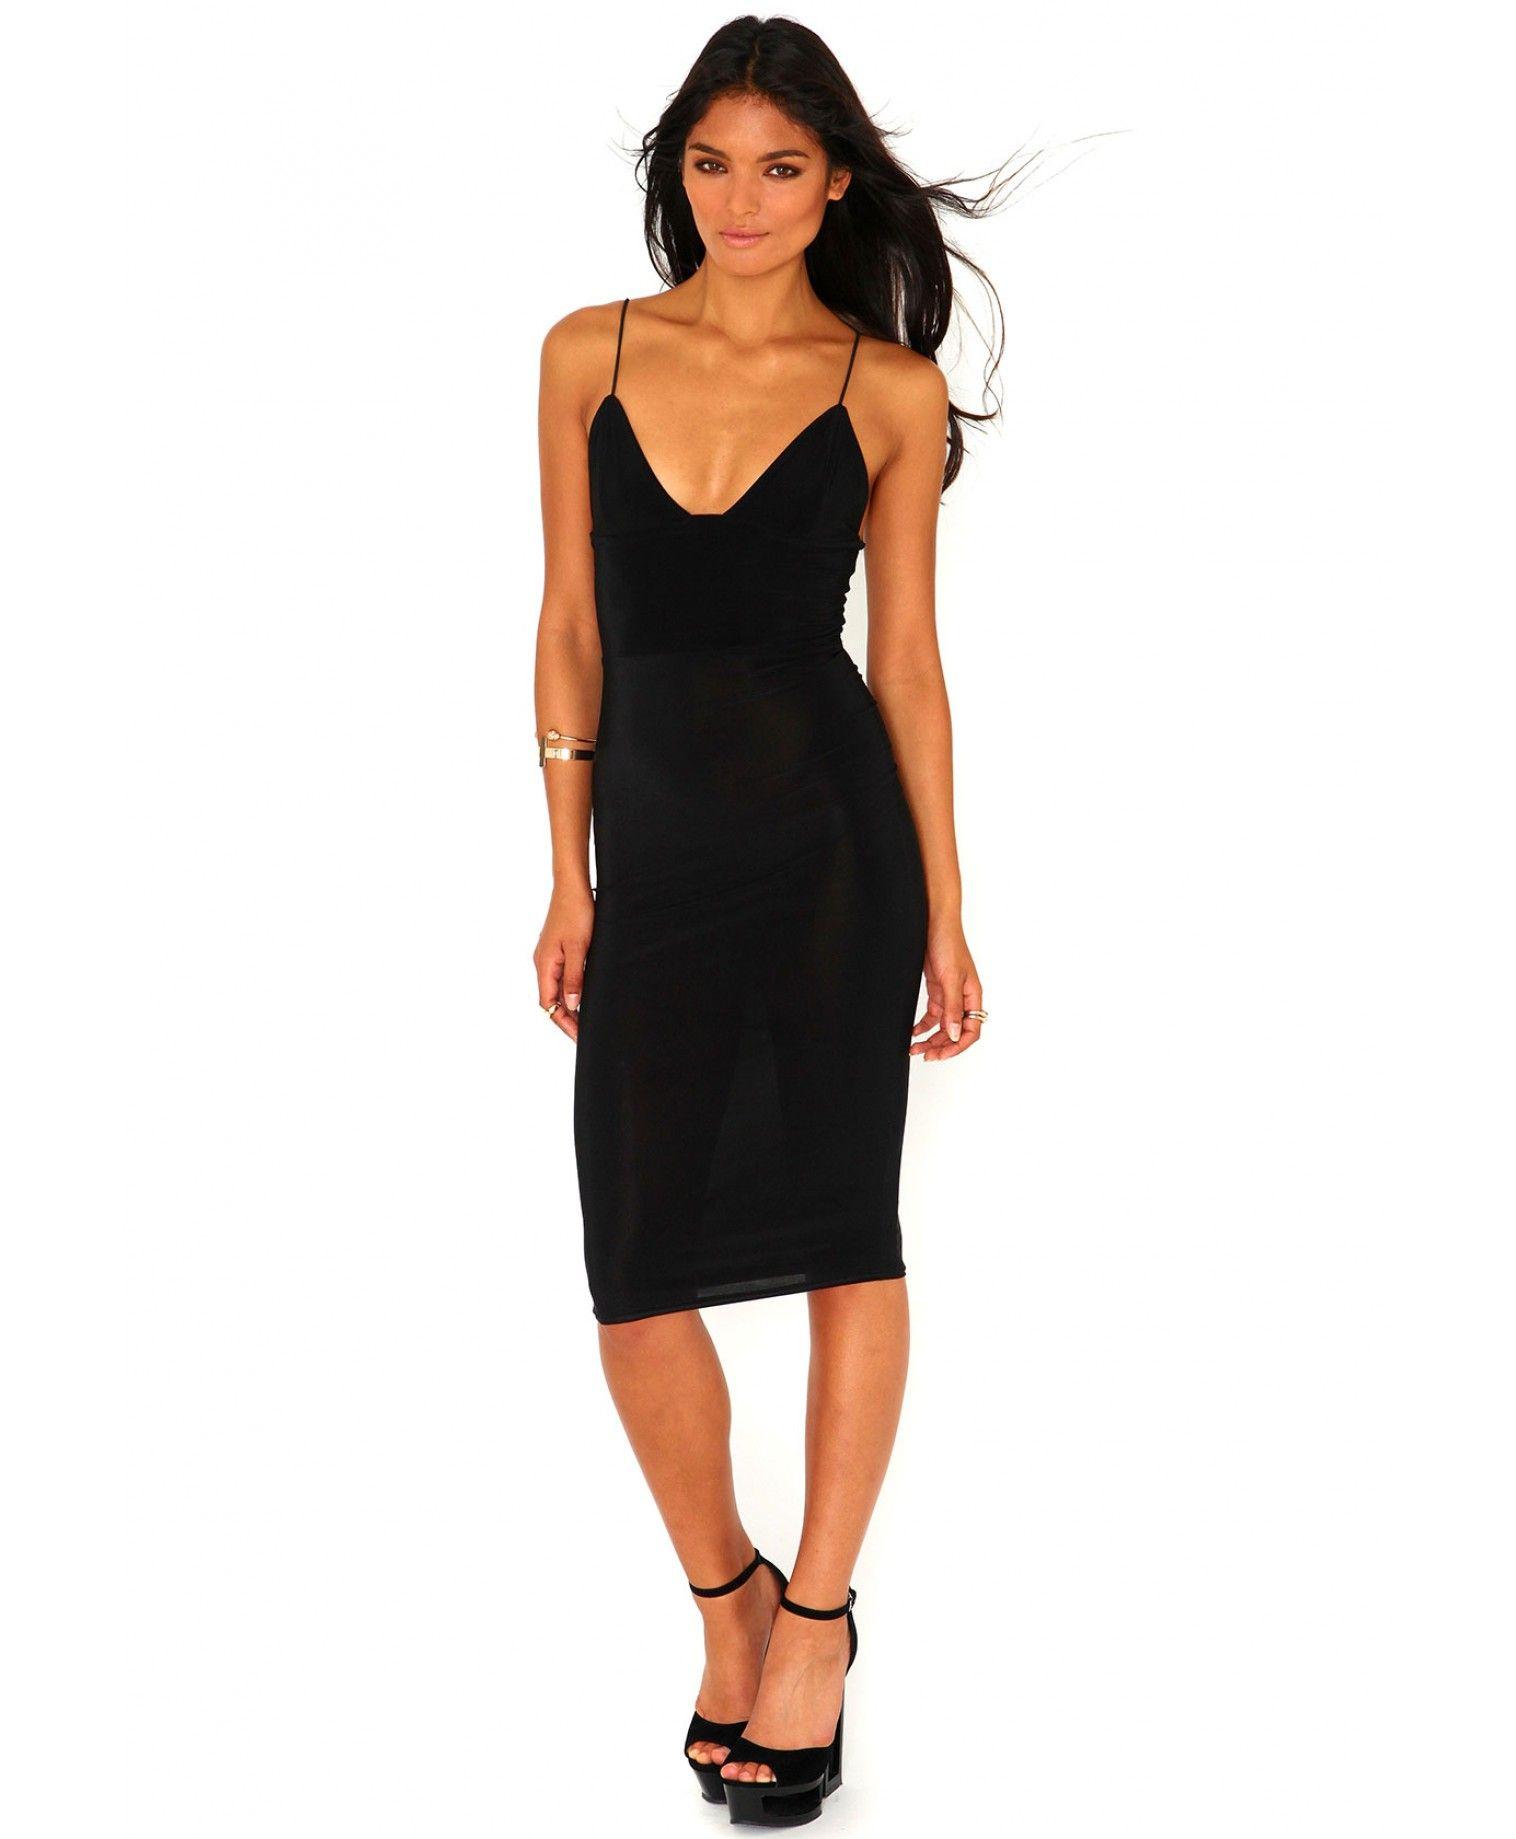 Elodia Slinky Strappy Midi Dress Dresses Missguided Dresses Black Strappy Dress Women Dress Online [ 1839 x 1516 Pixel ]